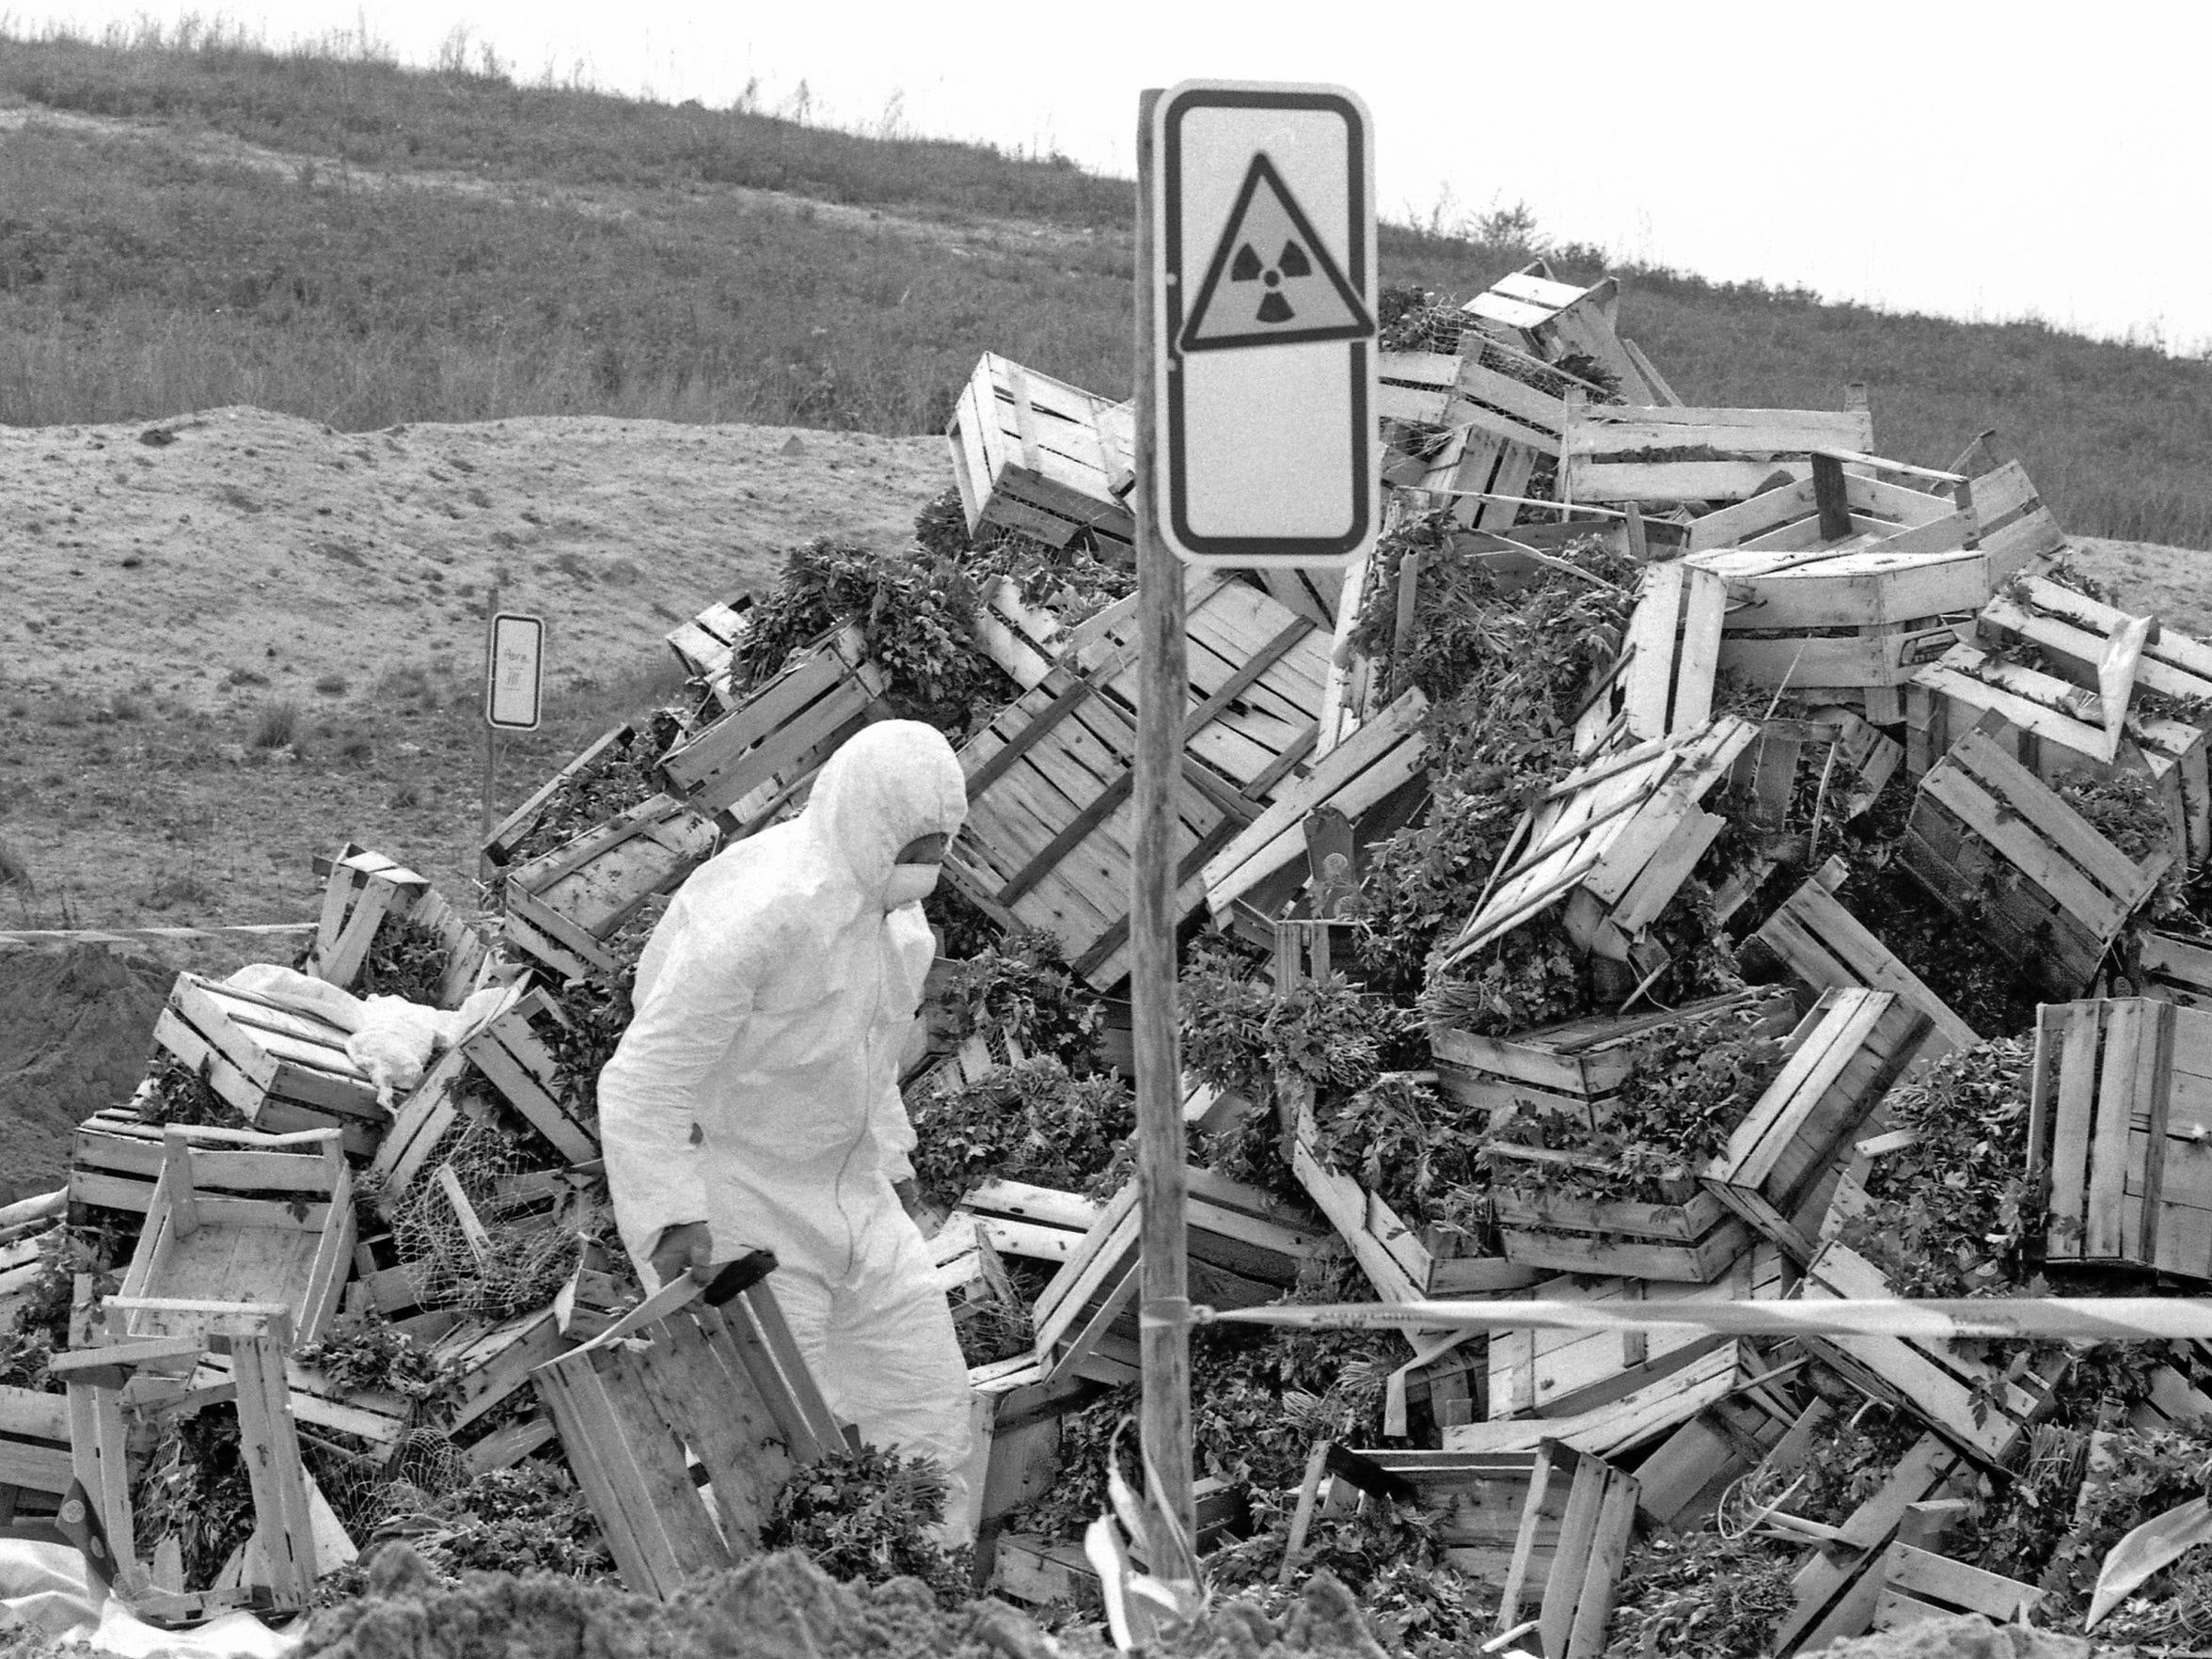 chernobyl - photo #8